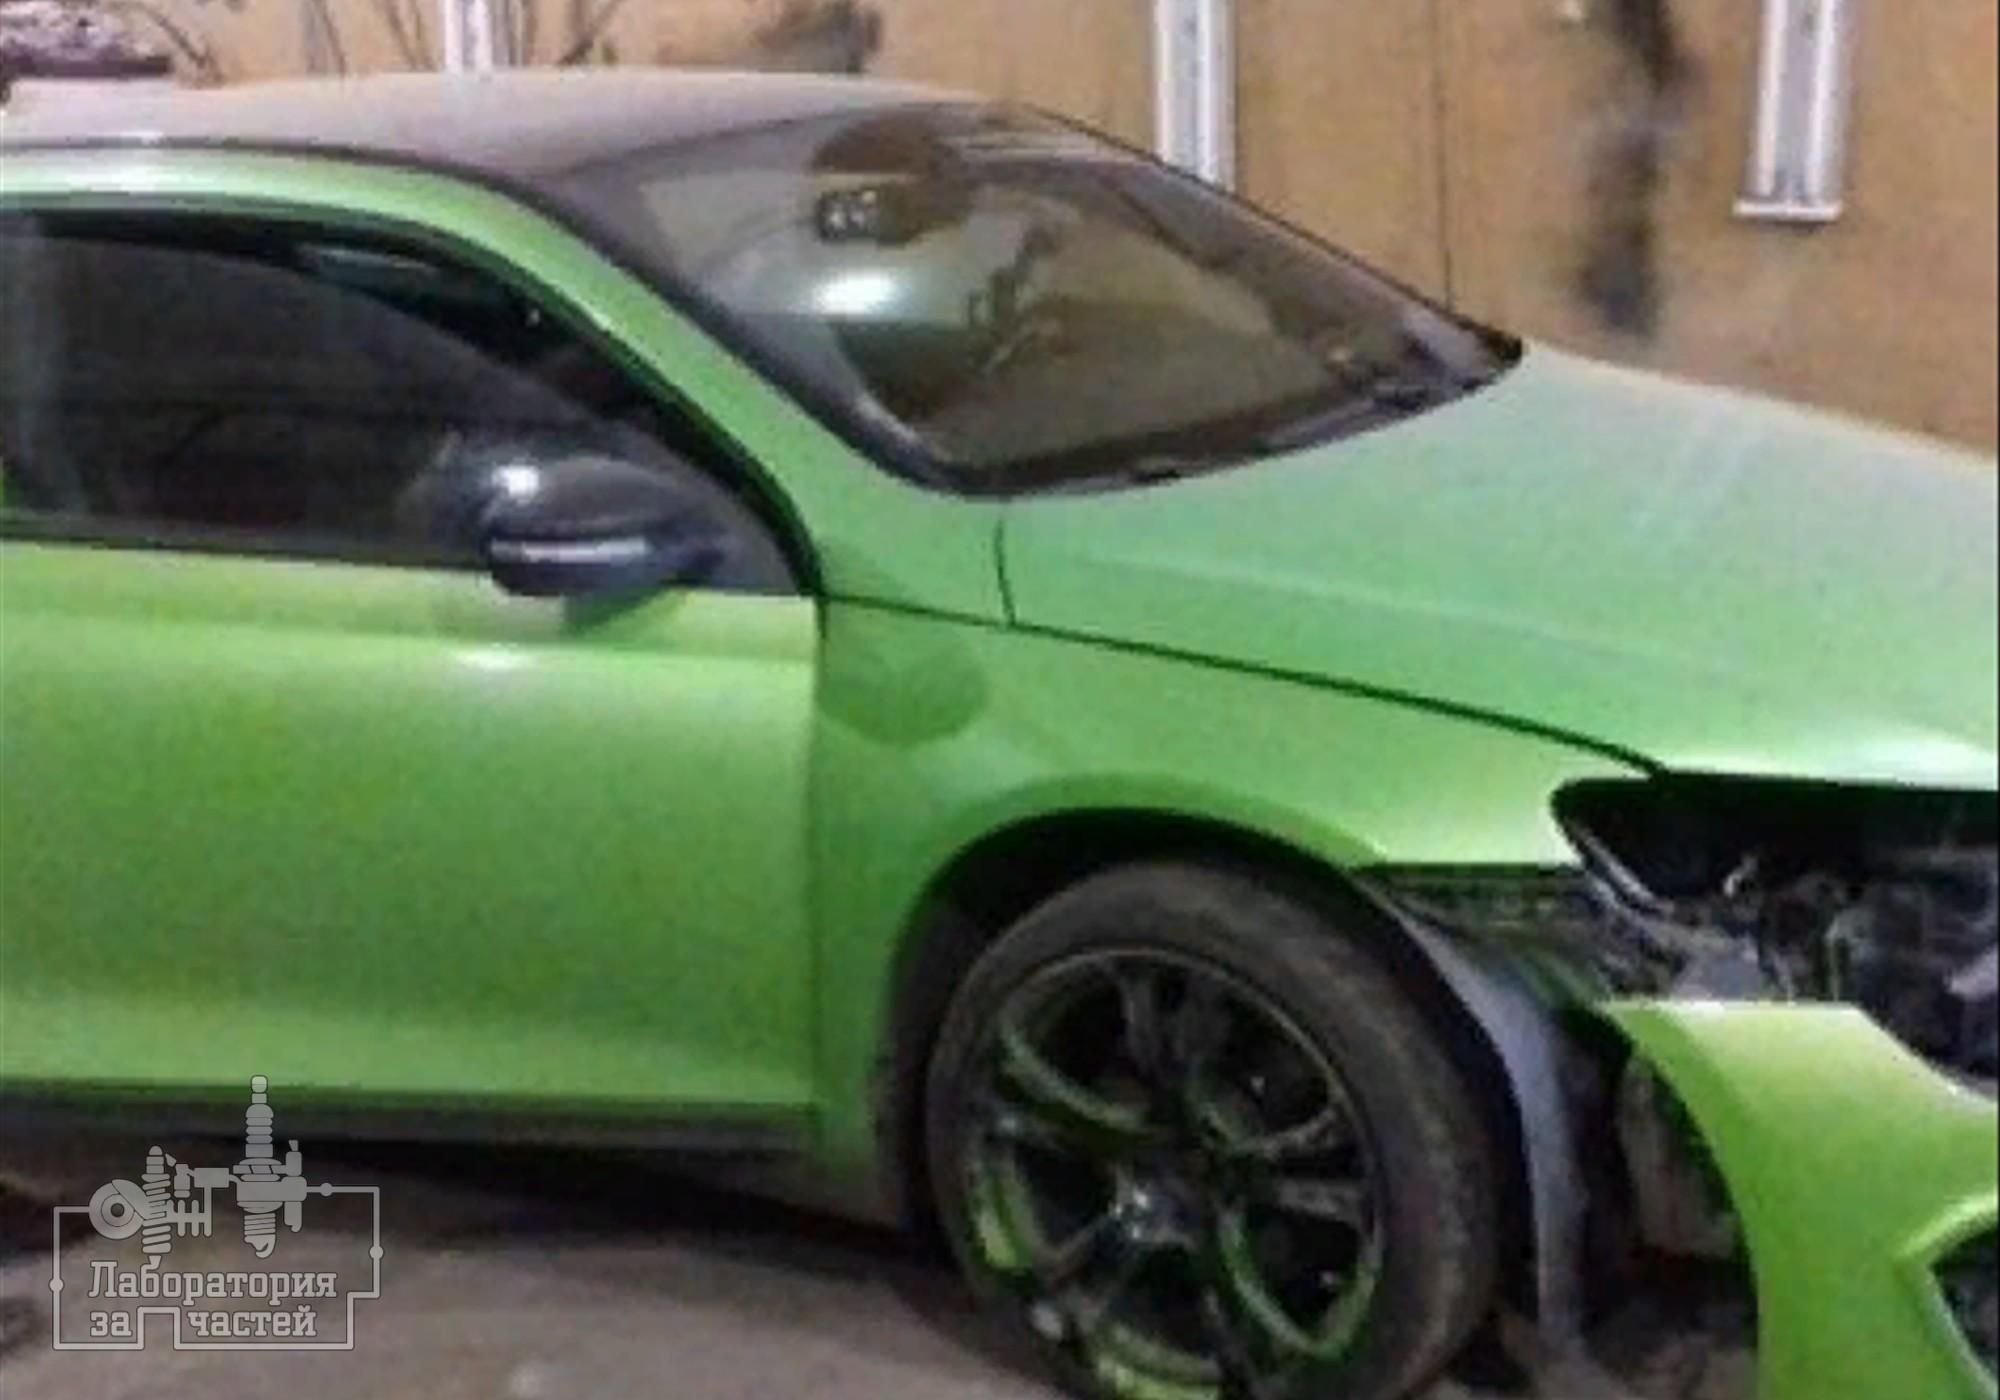 Volkswagen Scirocco III 2013 г. в разборе